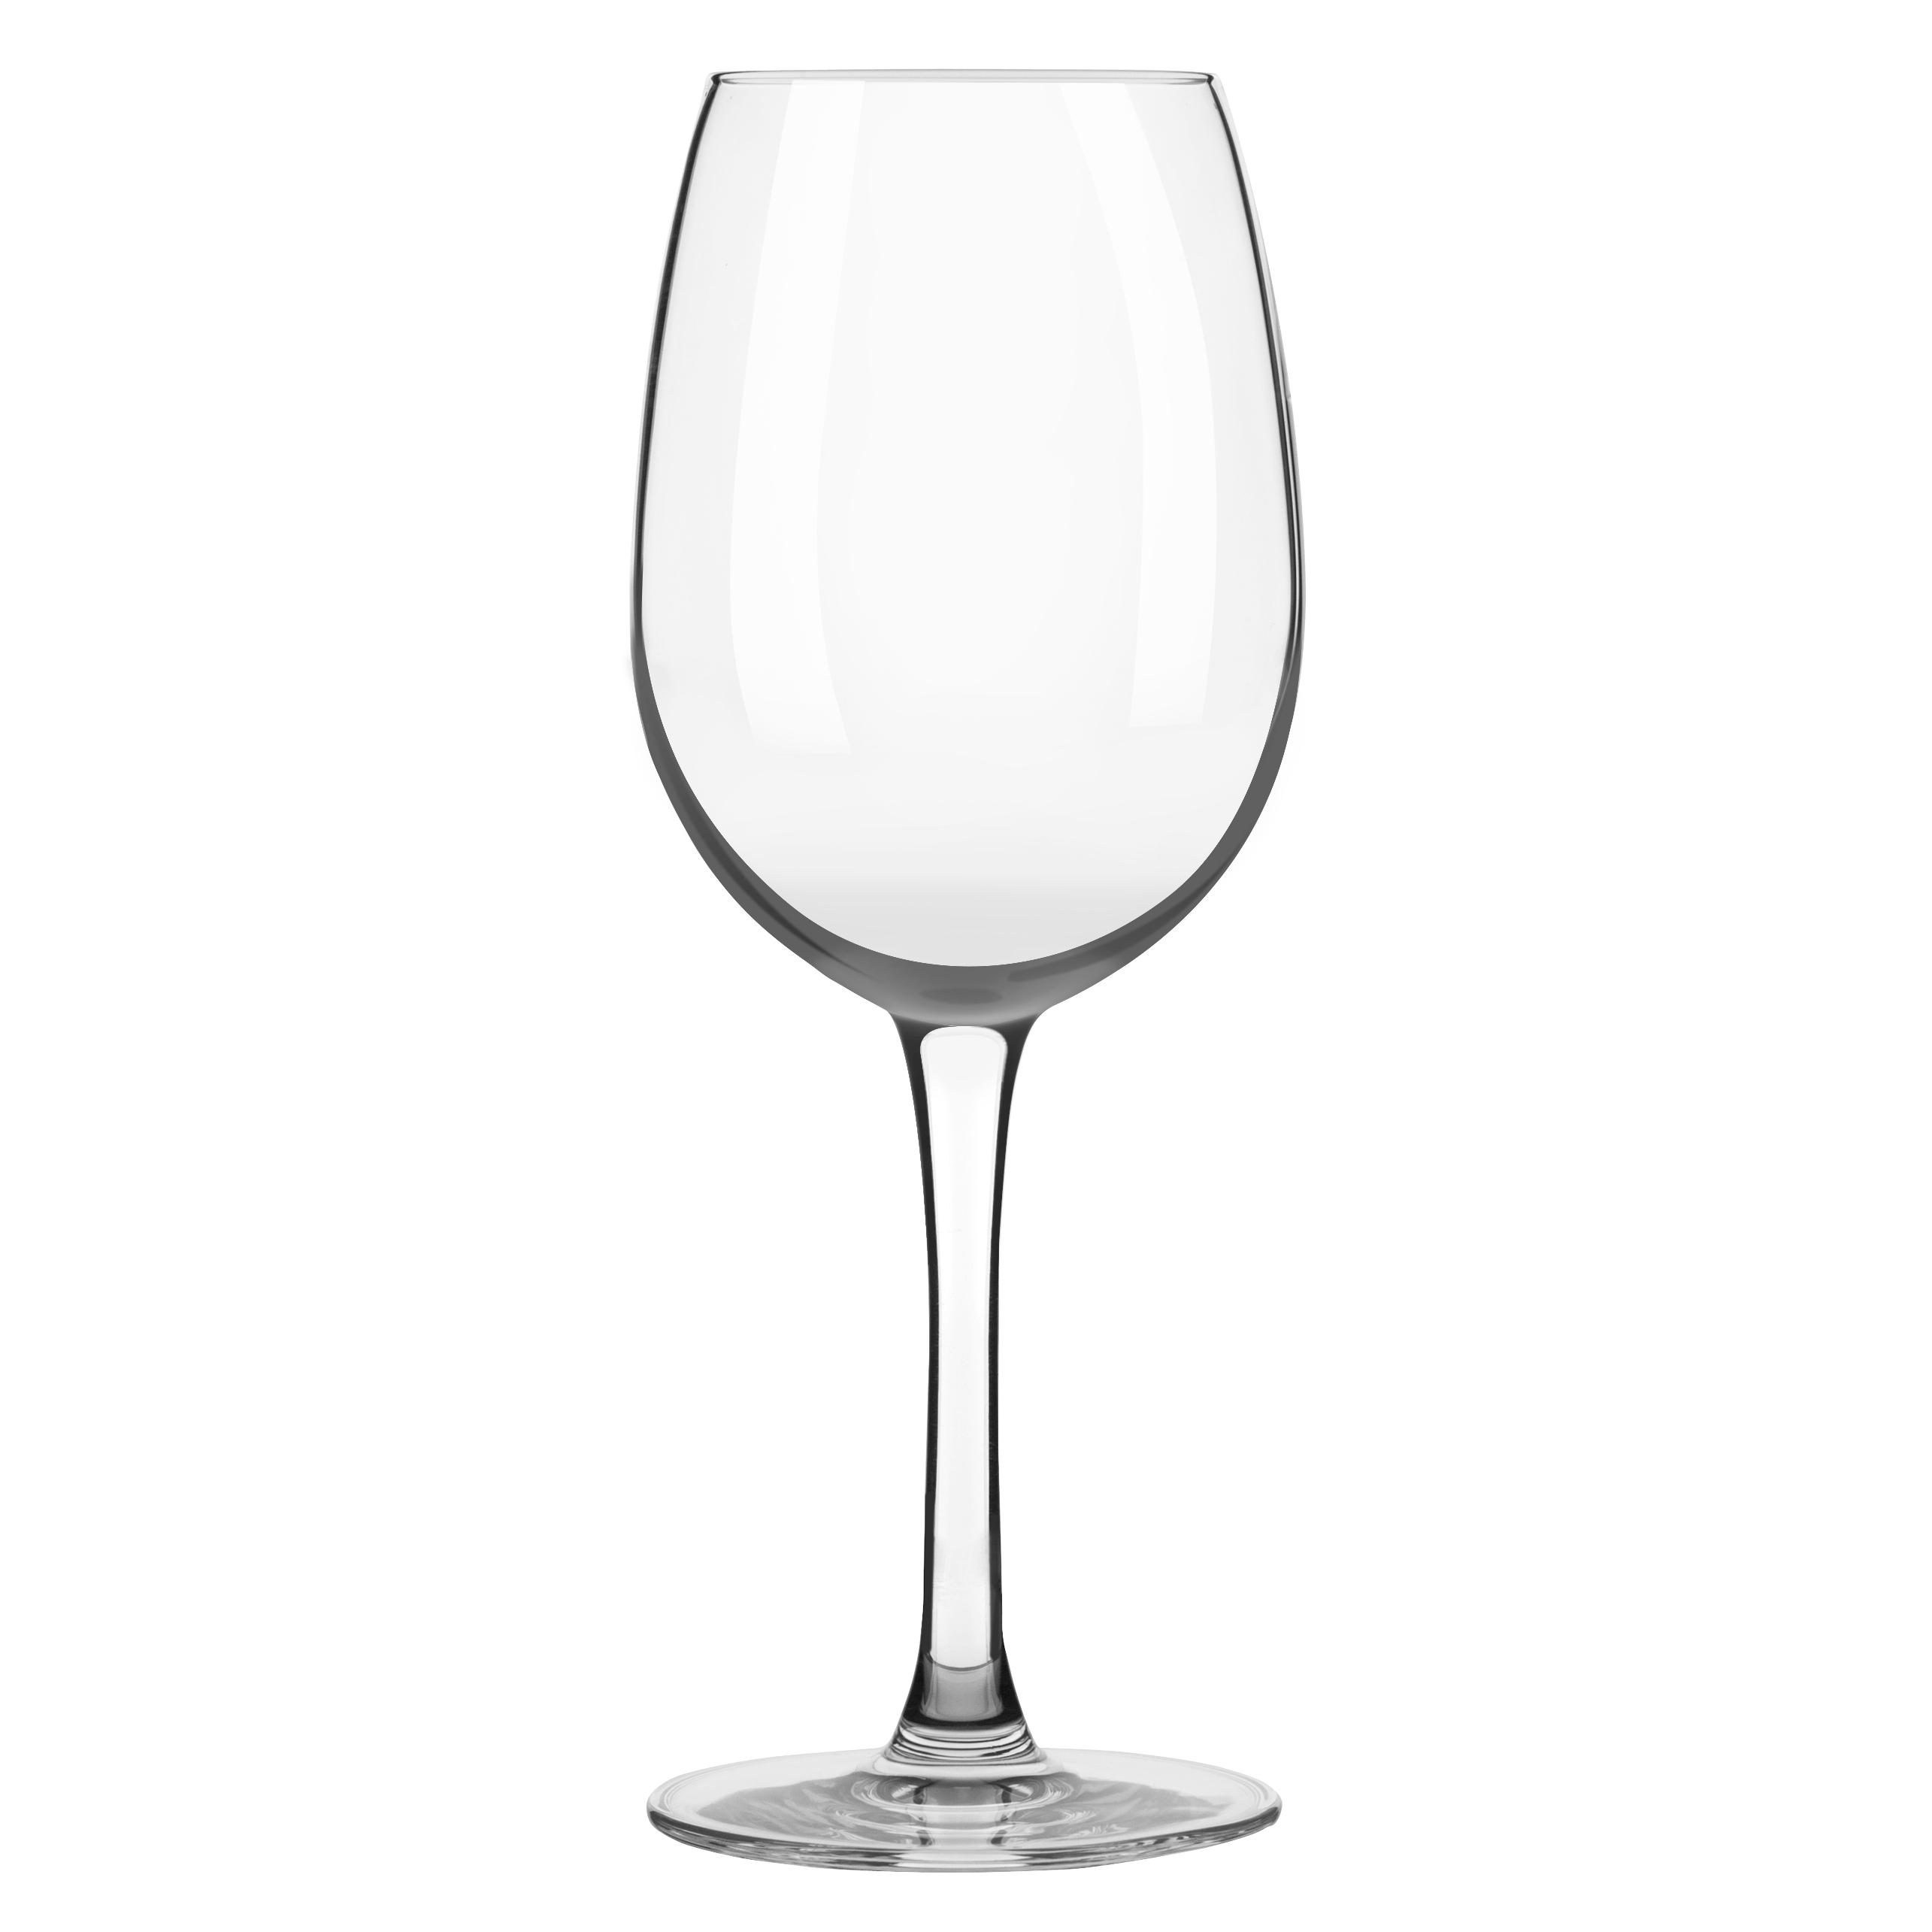 Libbey Glass 9151 glass, wine